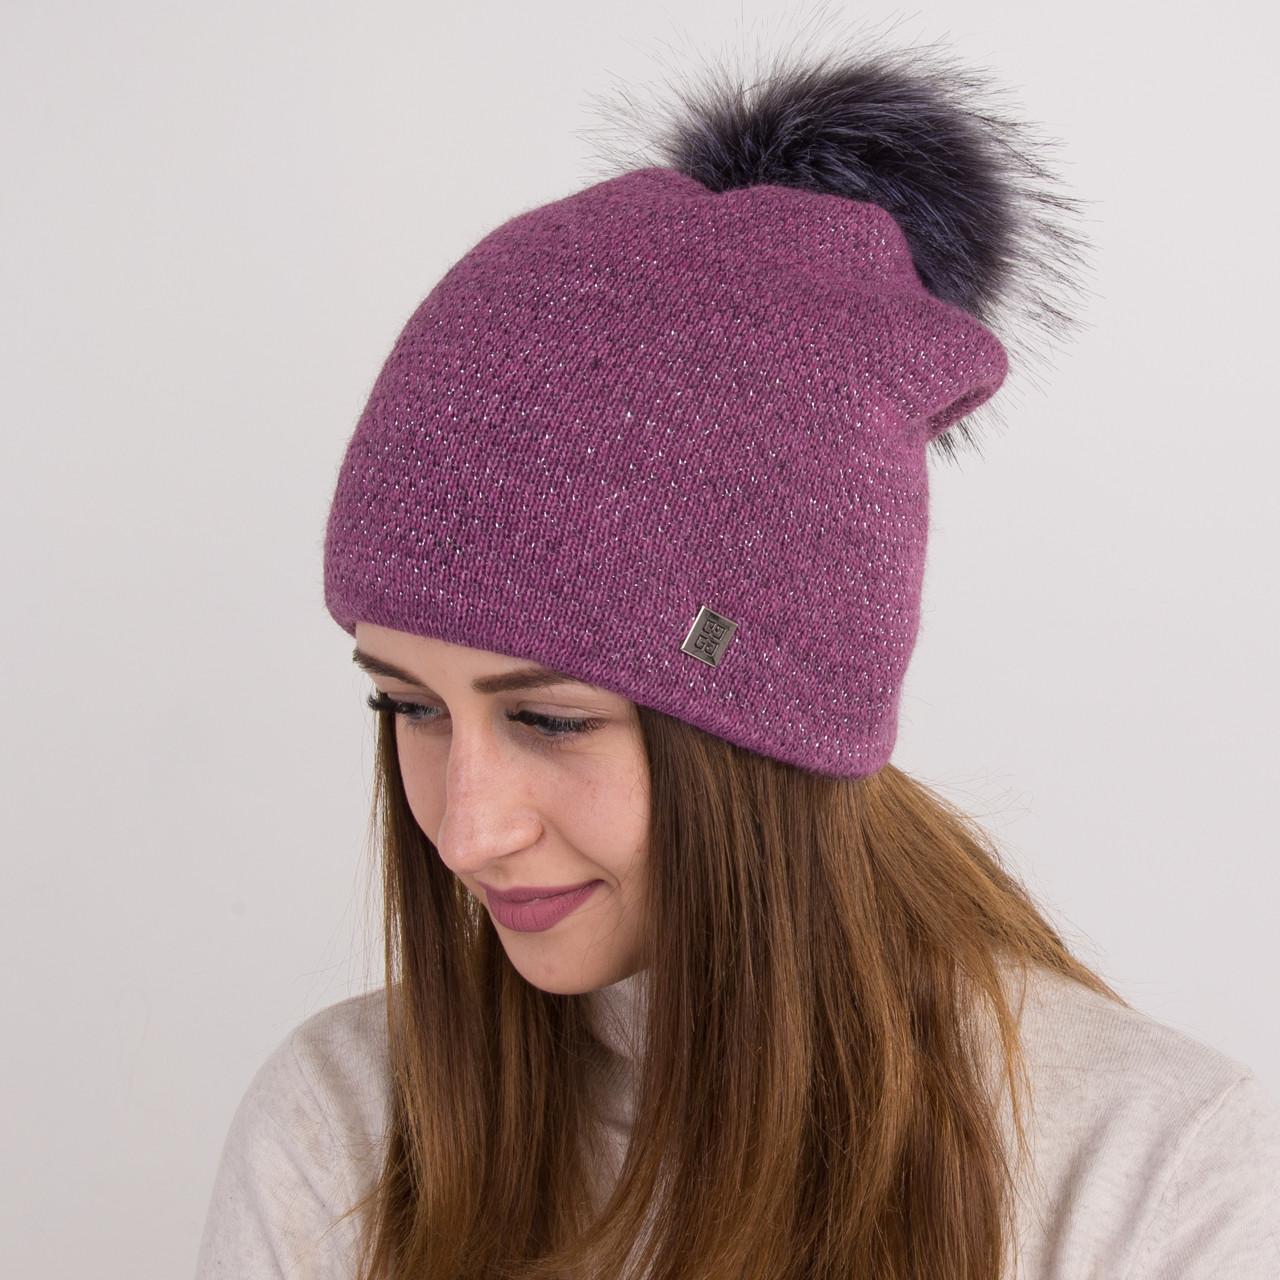 Вязанная шапка с меховым помпоном для женщин - зима 2018 - Артикул 2166 (фиолет)